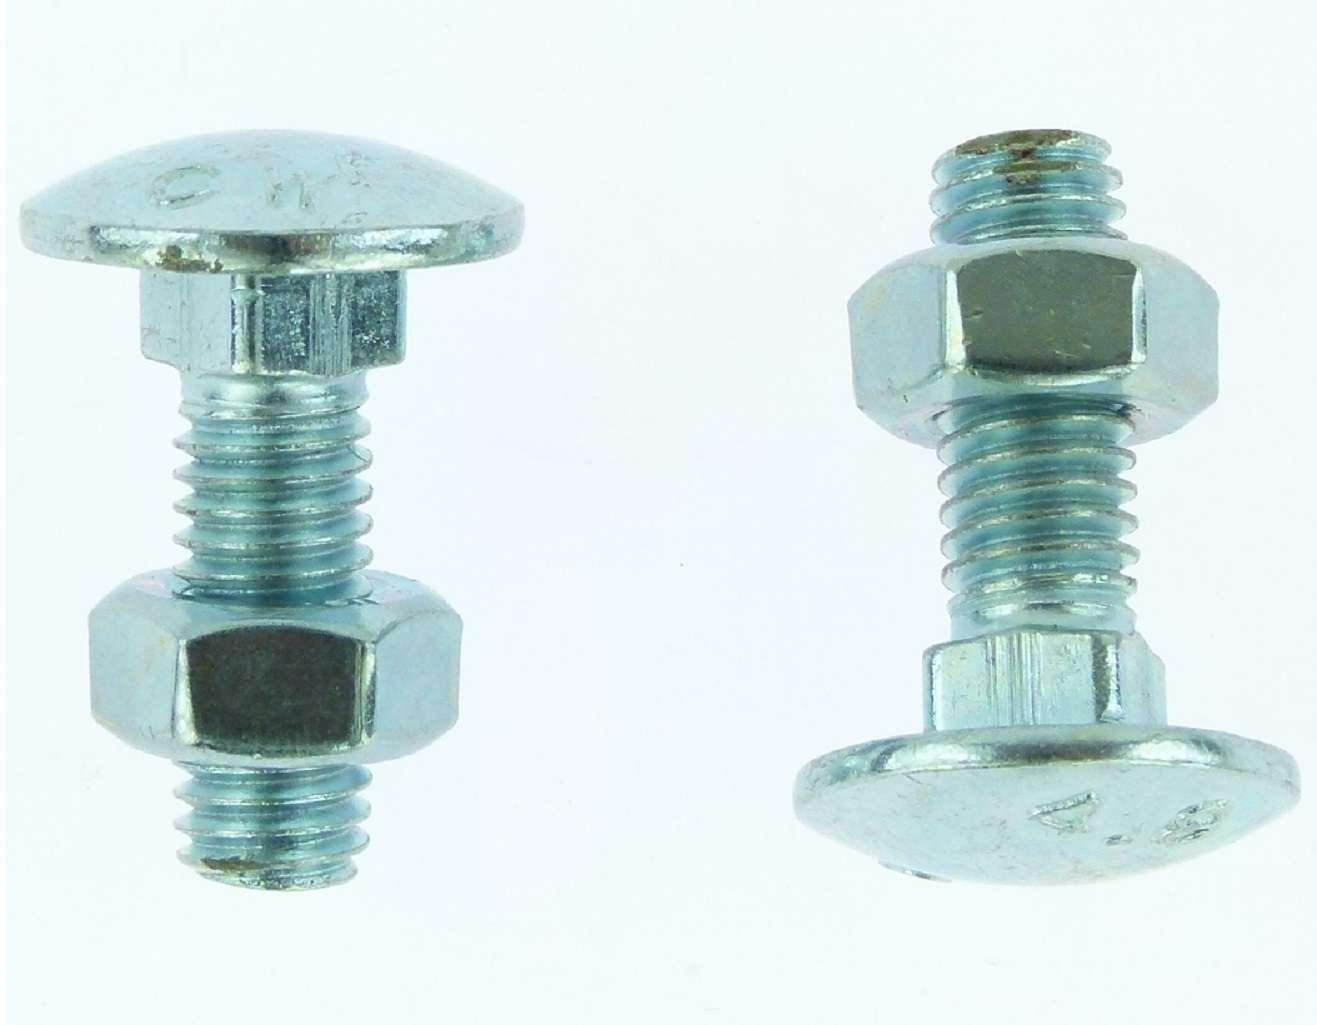 Flachrundschrauben M8 x 50 Stahl 8.8 DIN 603 200 Stk